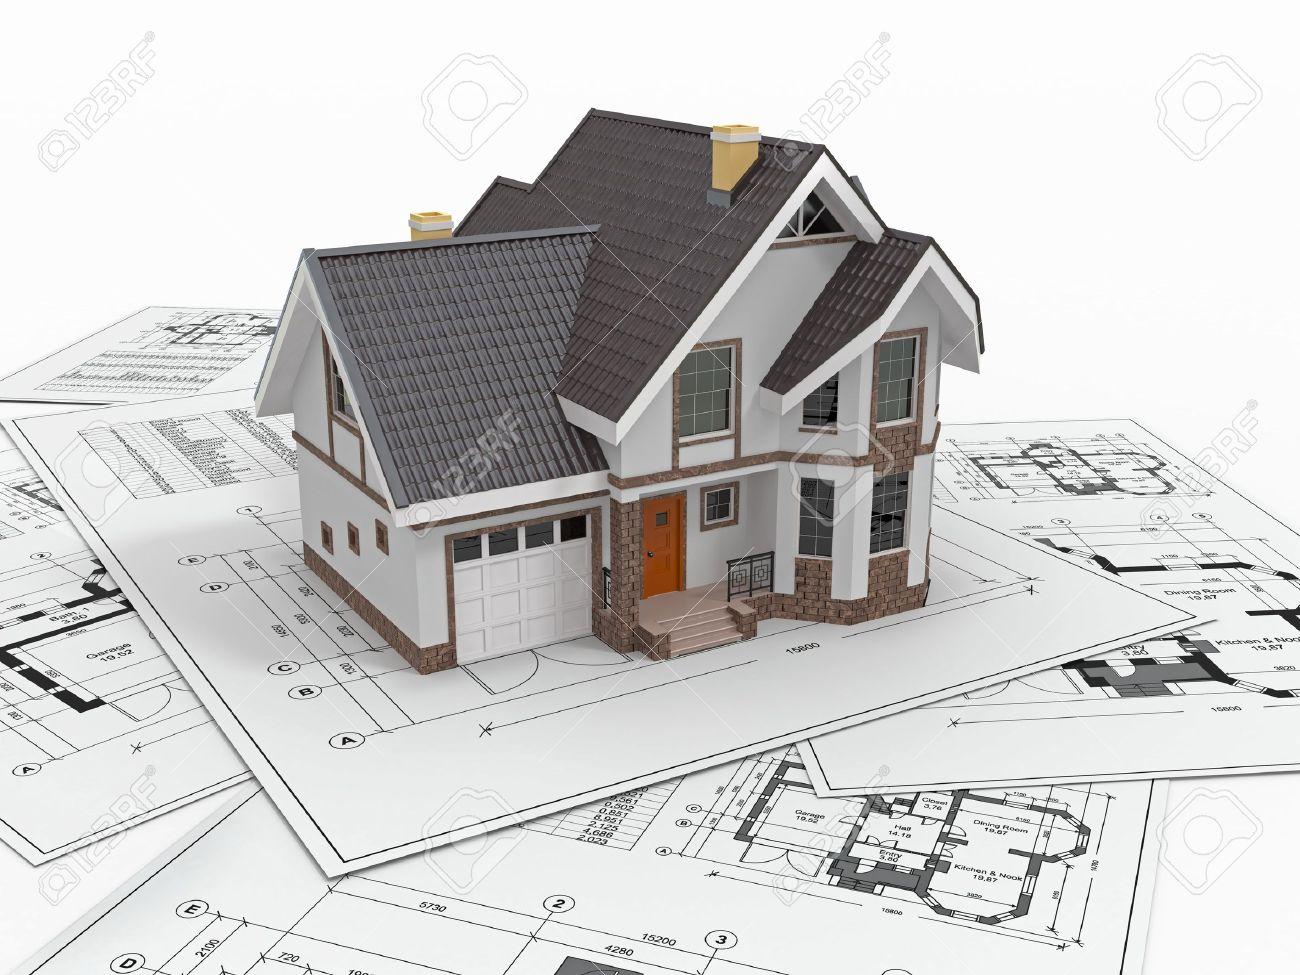 casa residencial con las herramientas en los planos del arquitecto